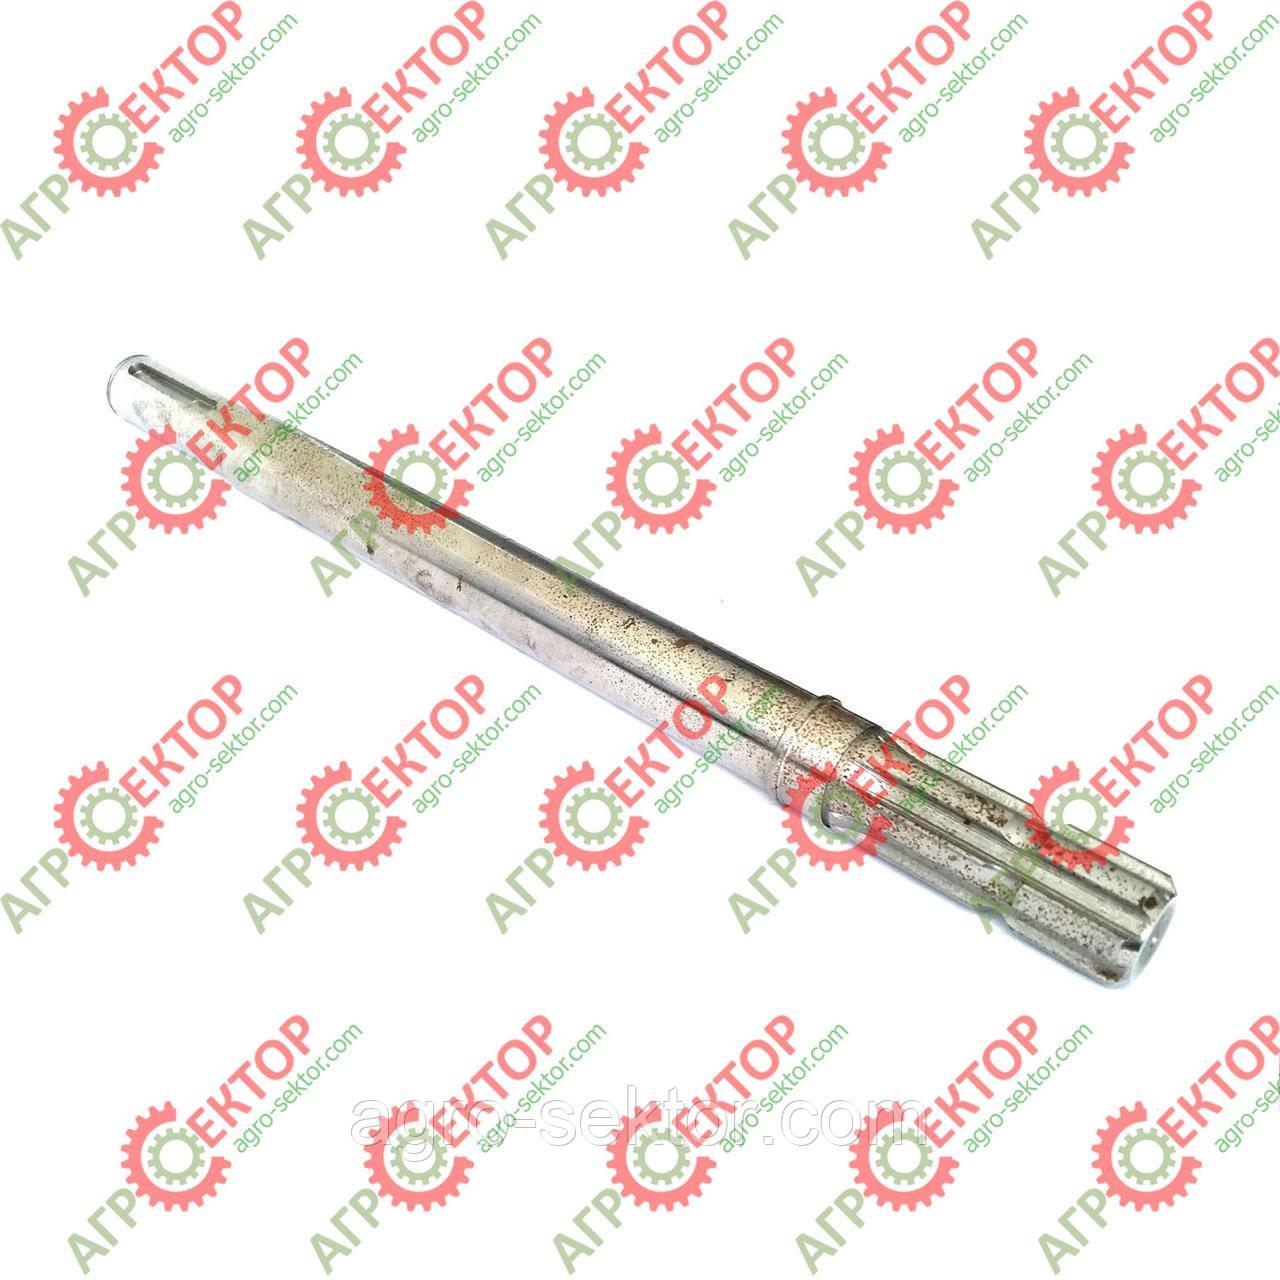 Вал головний роторної косарки Wirax Z-069 503602060 8245-036-020-402 8245-036-020-602